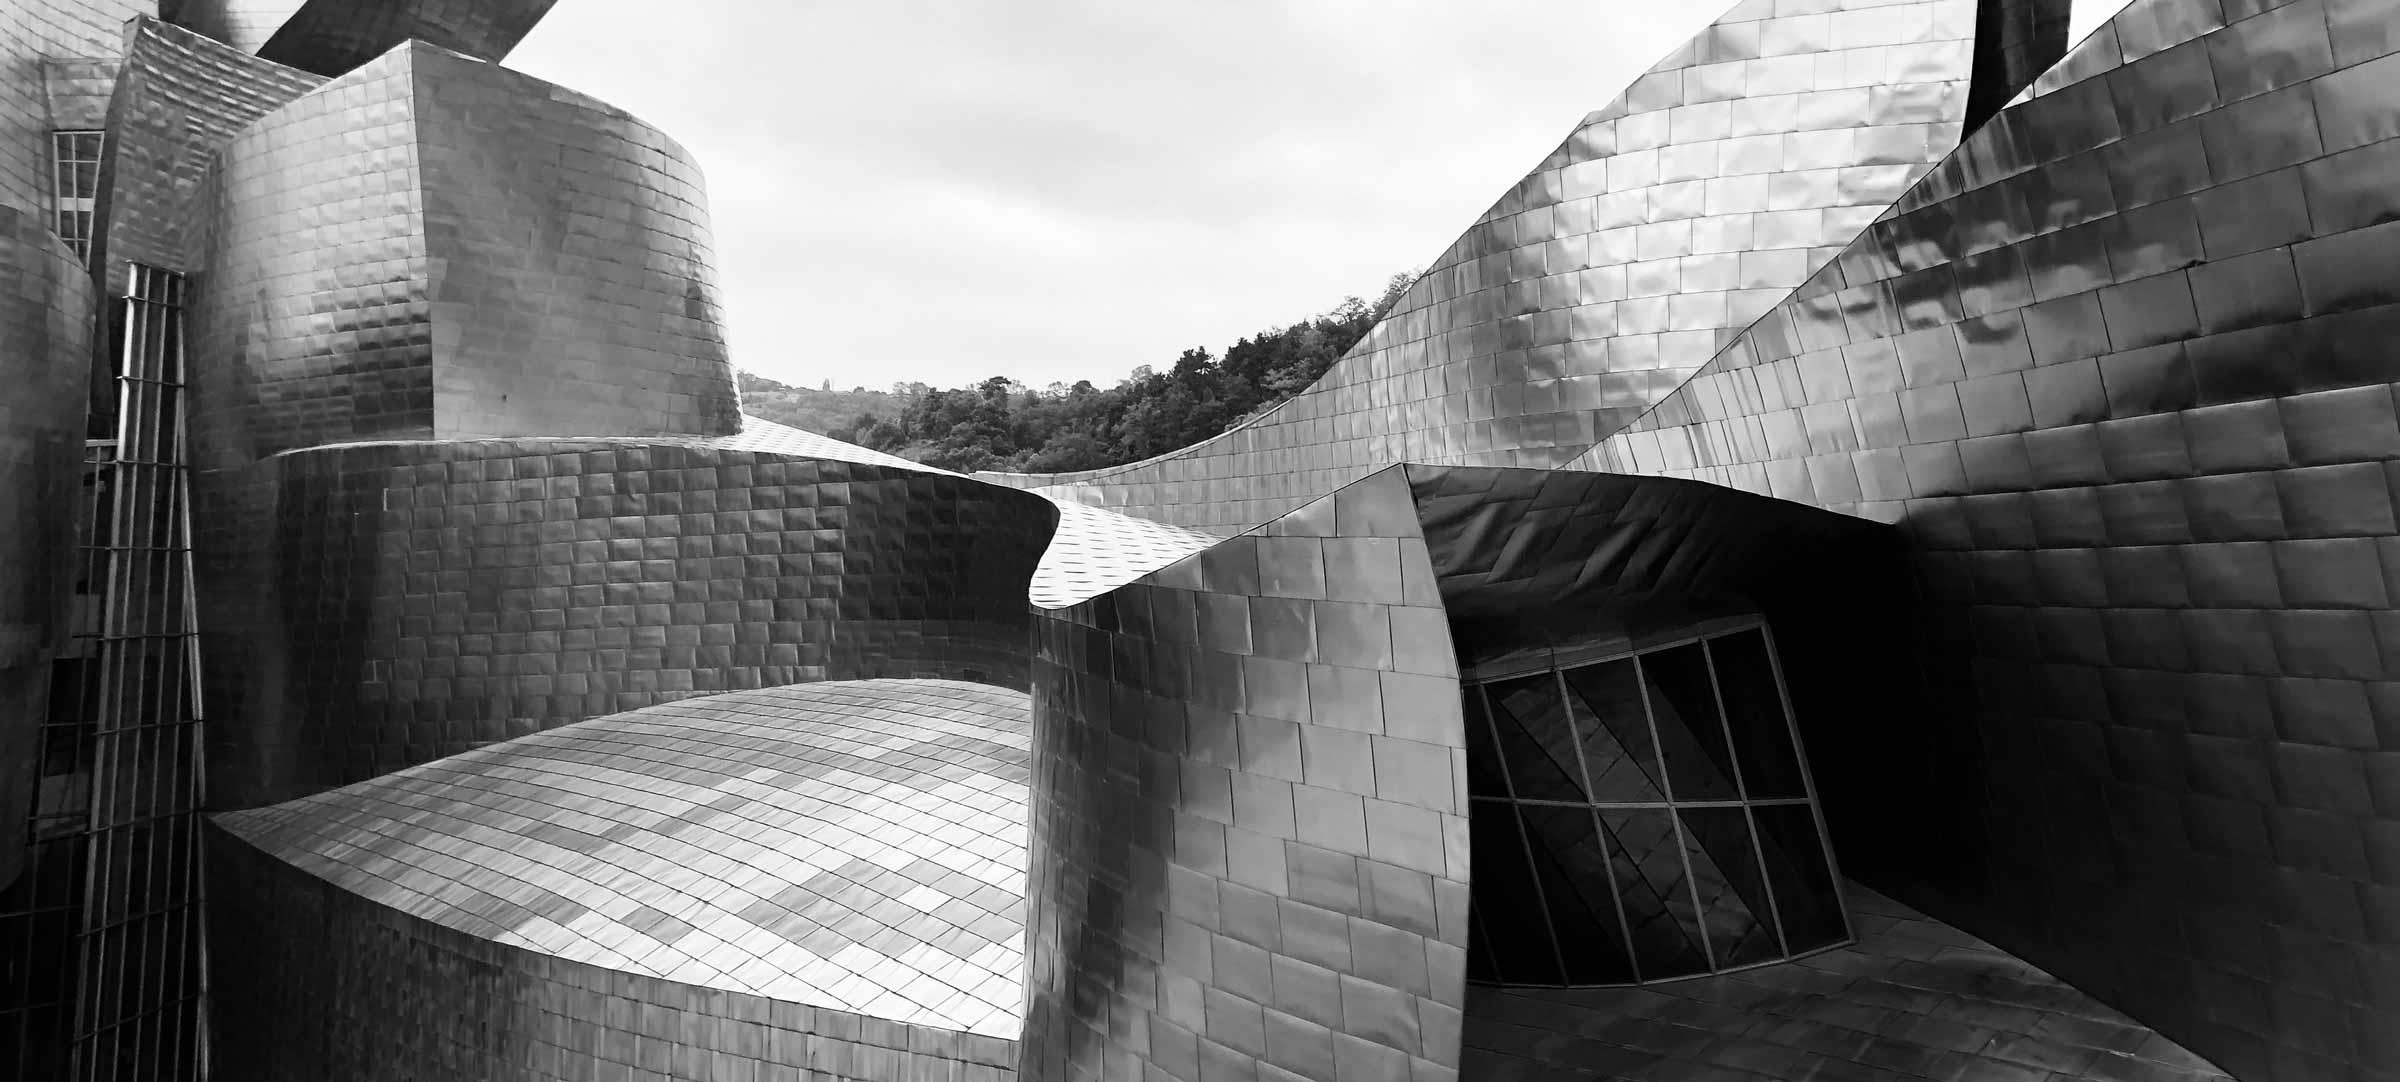 Architektur aus organischen Freiformen